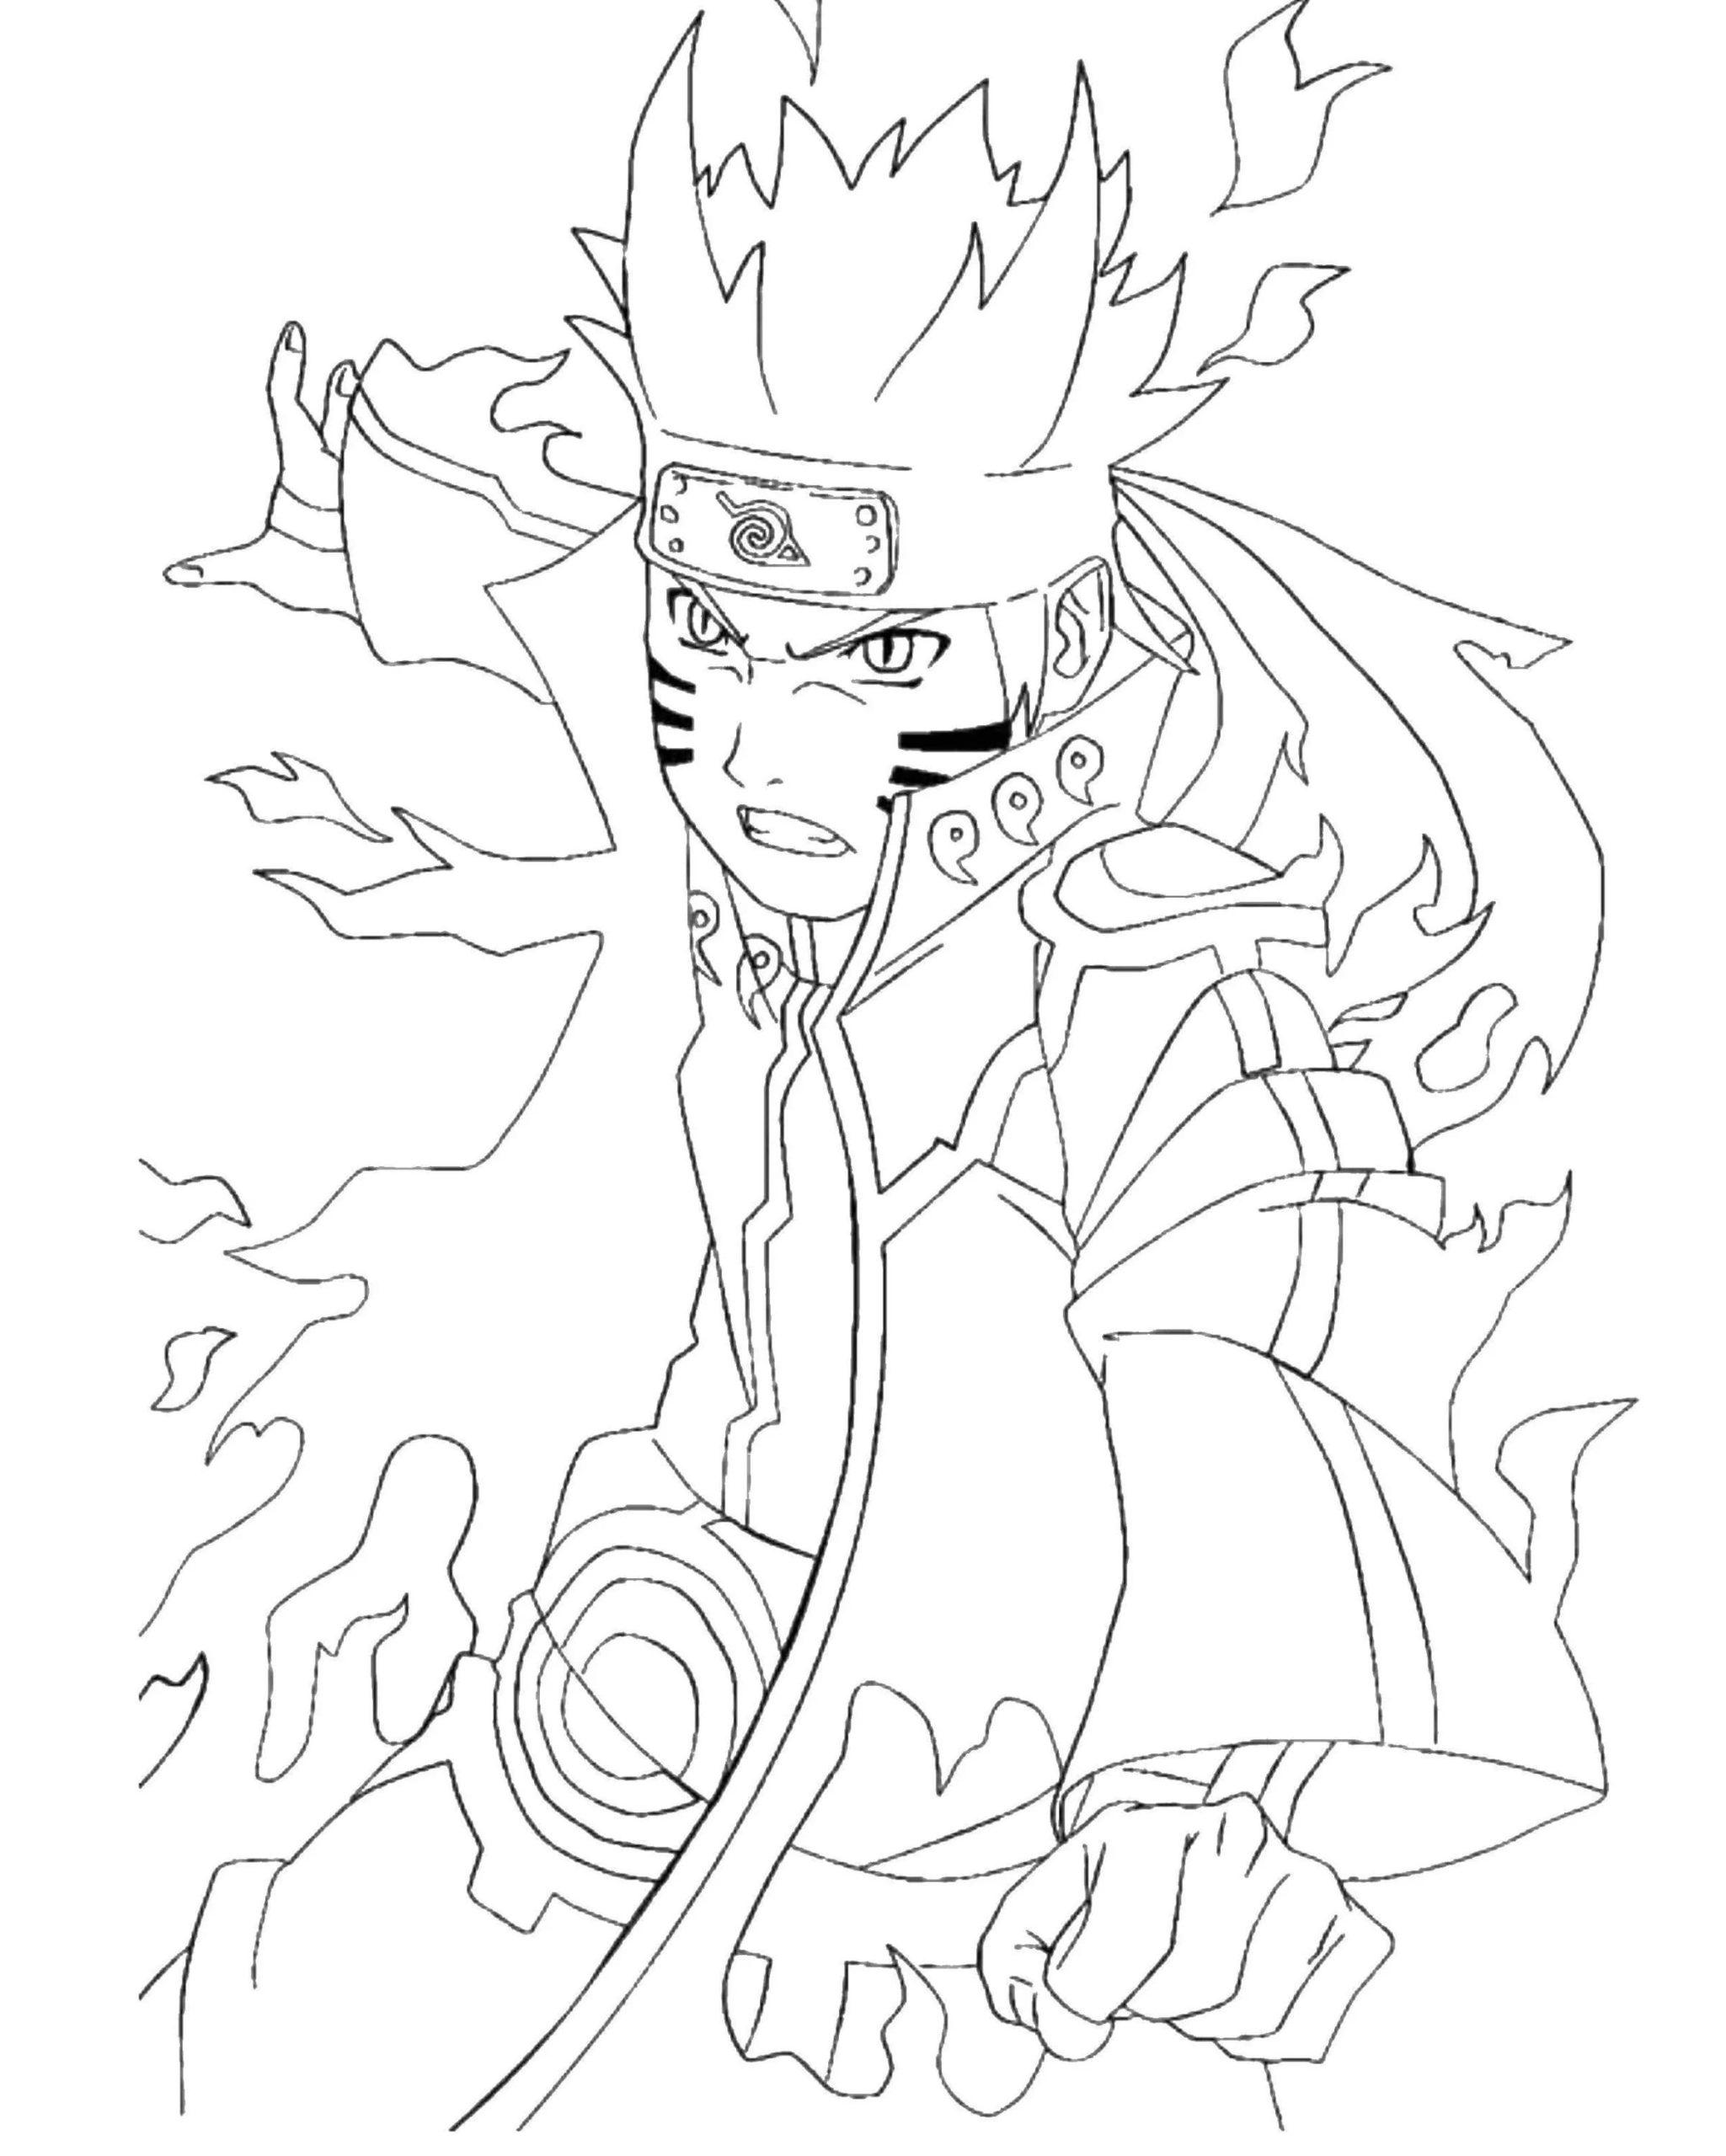 Ausmalbilder Naruto  20 Malvorlagen zum kostenlosen Drucken